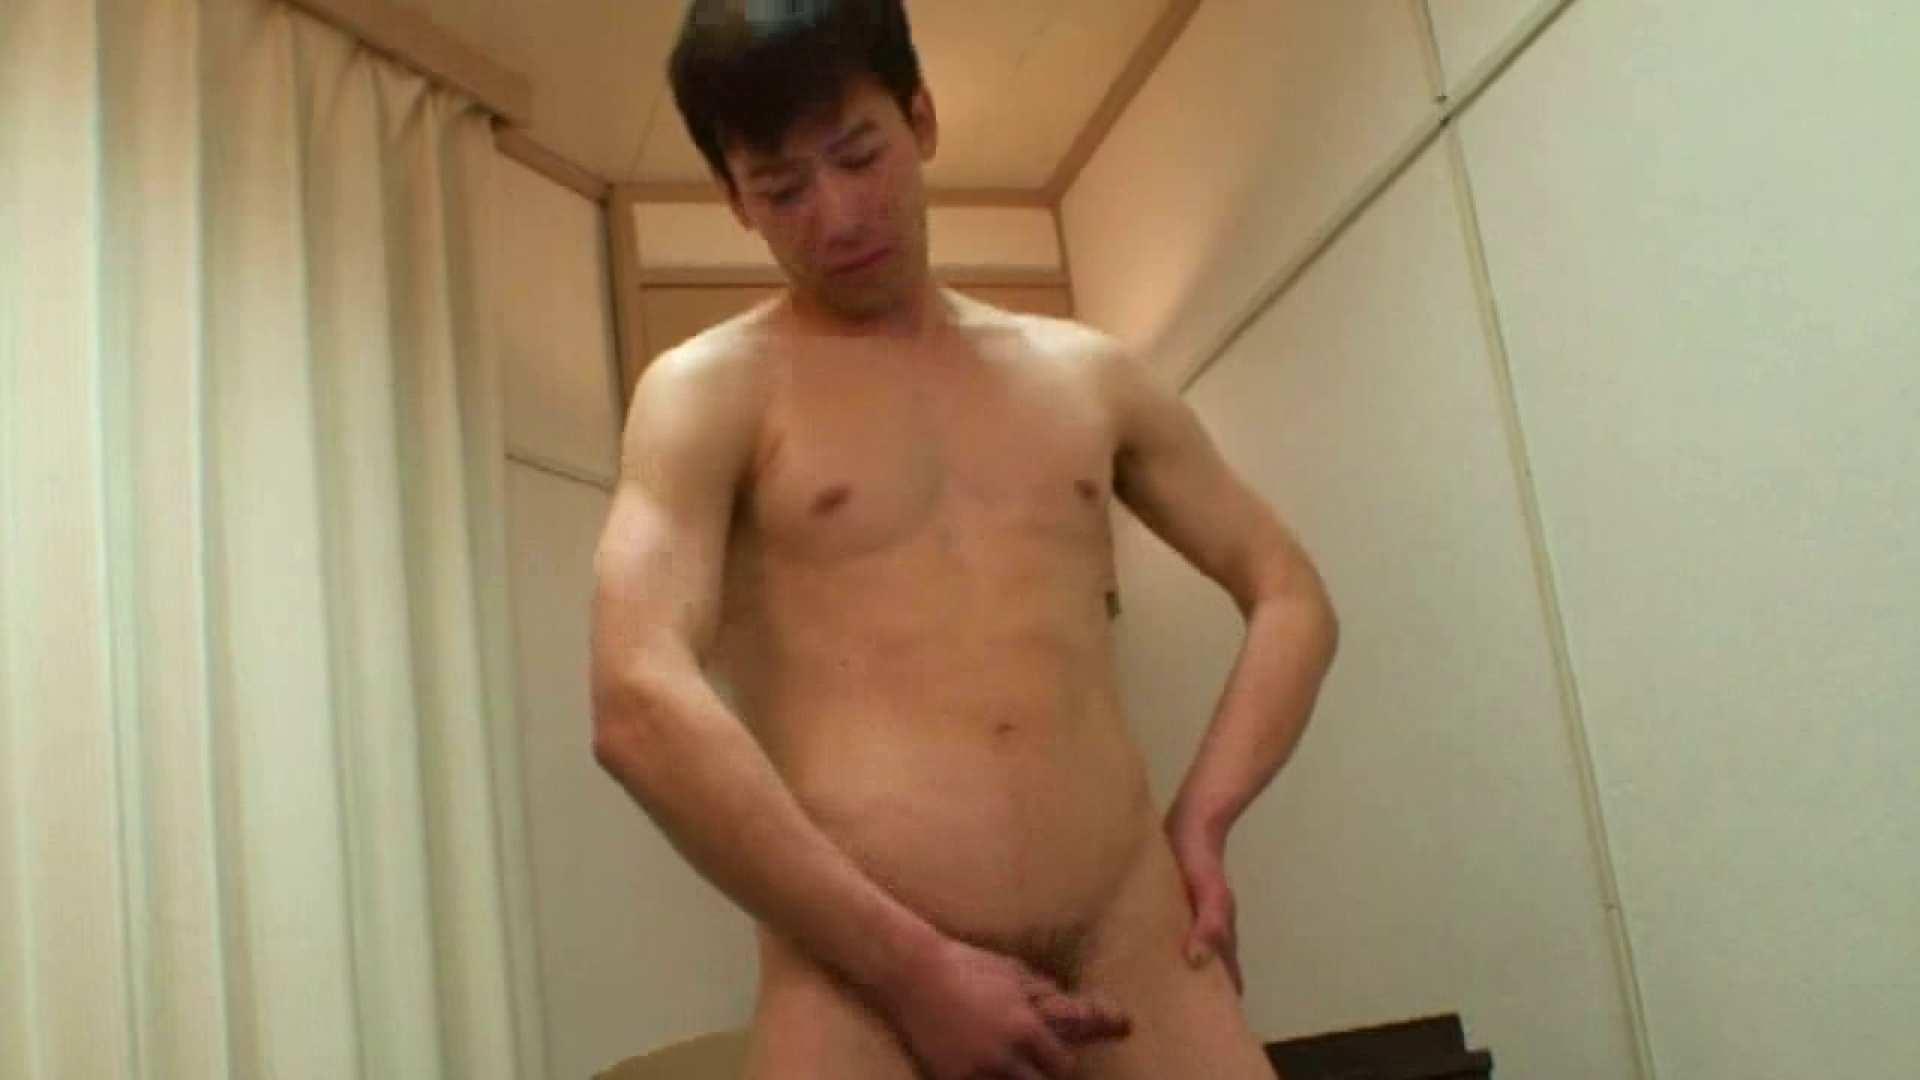 無修正セックス盗撮:亜細亜のイケメンがイクっ!File.11:オナニー